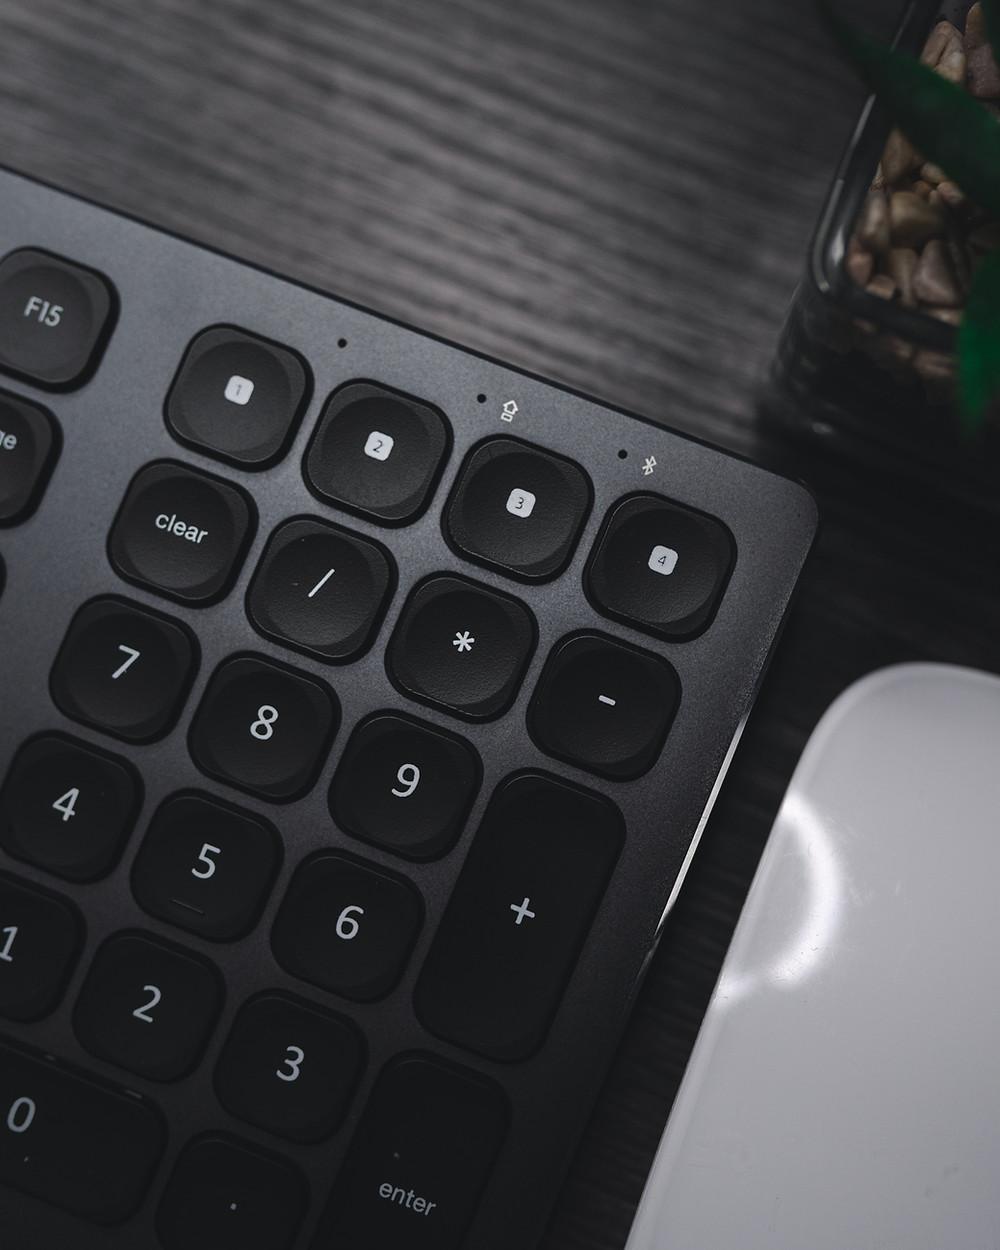 Keyboard showing numerical keypad